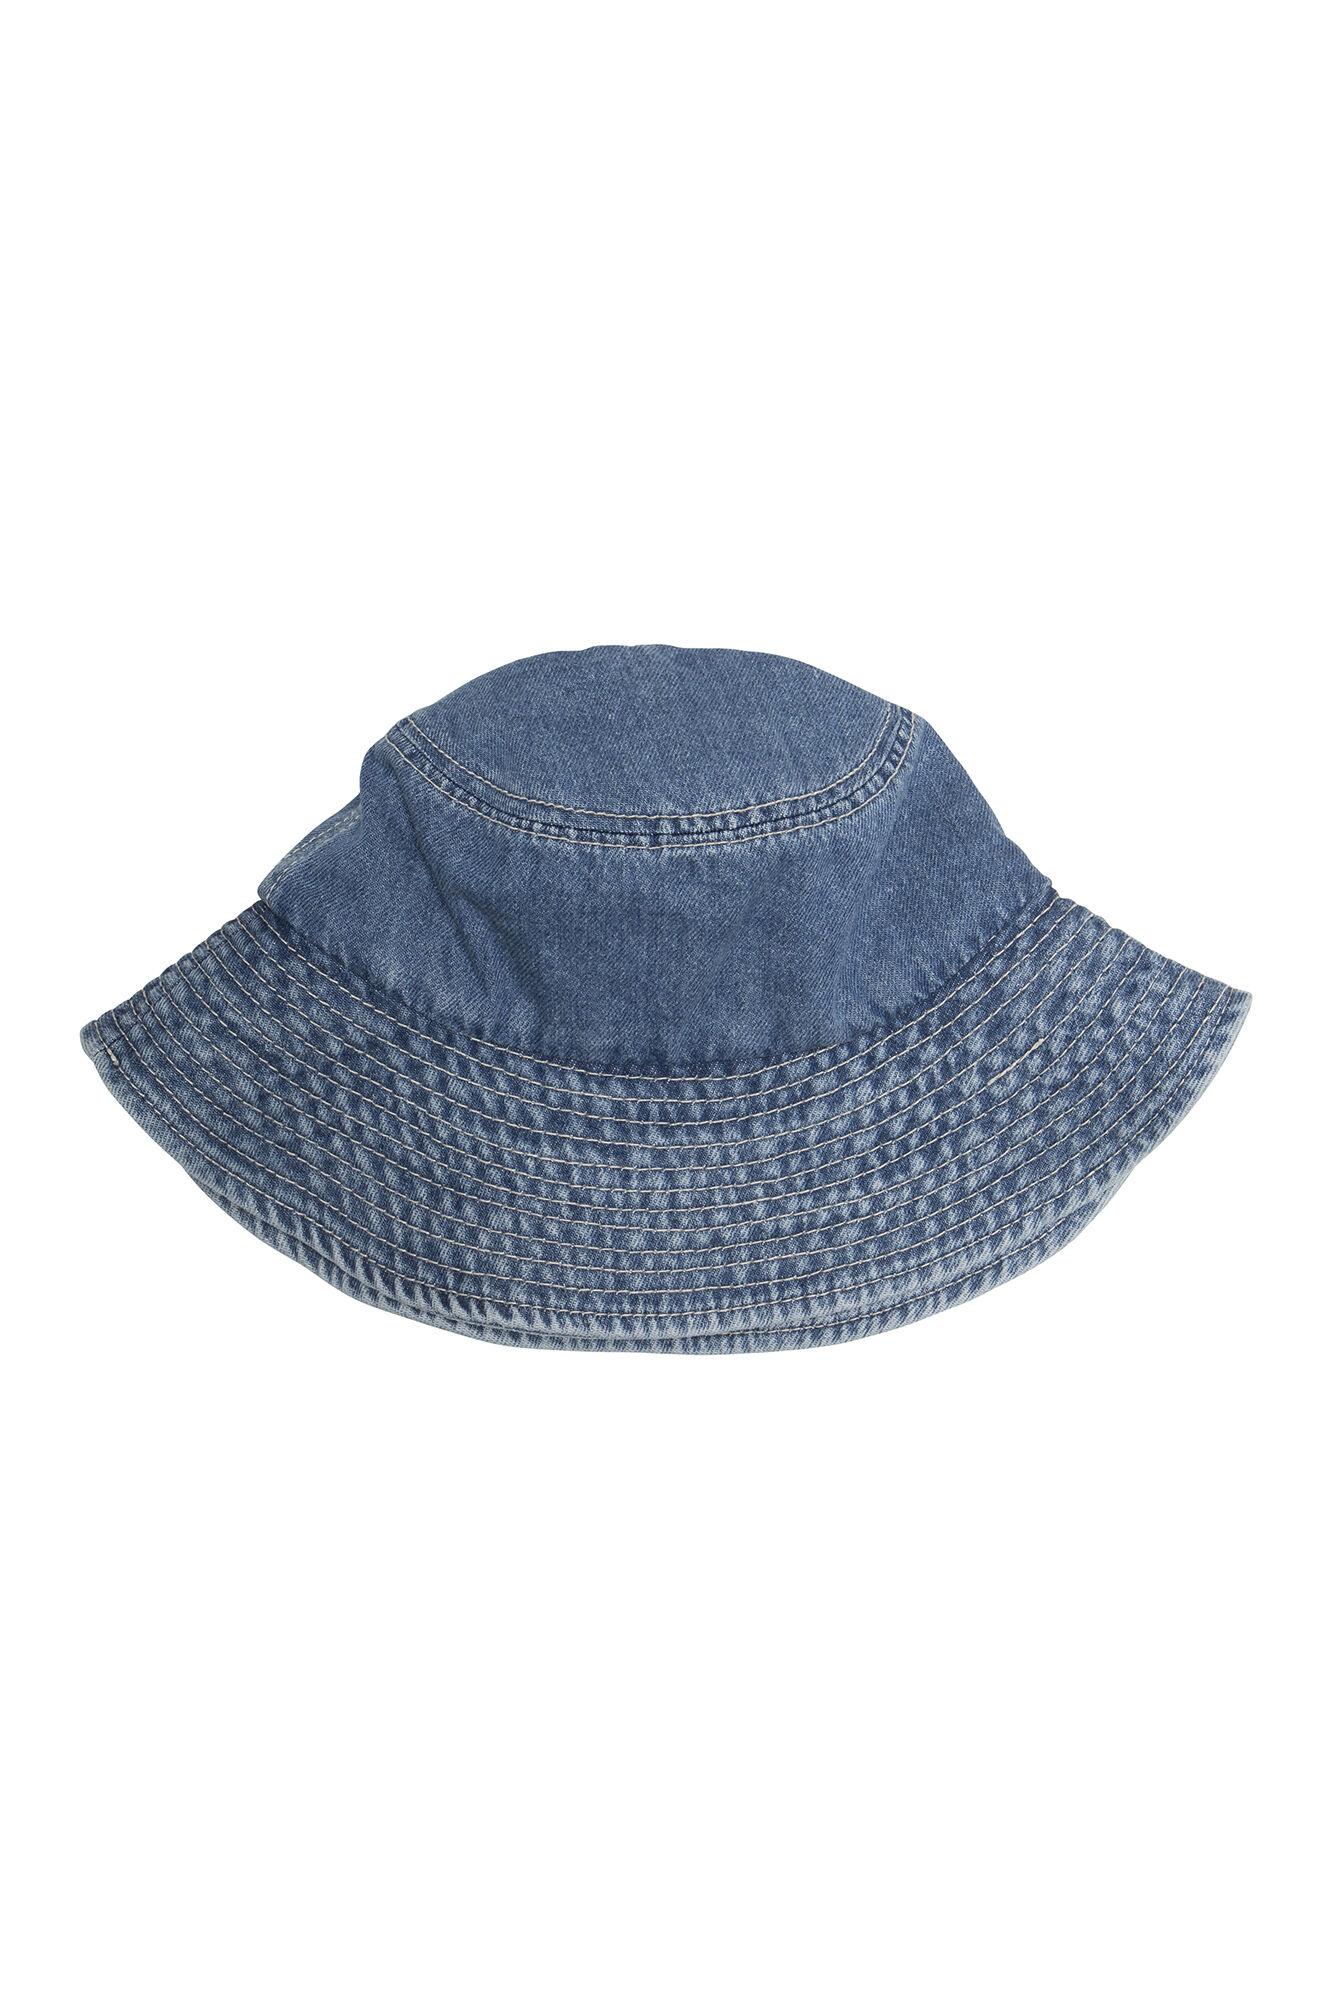 ENBLUE BUCKET HAT 6705